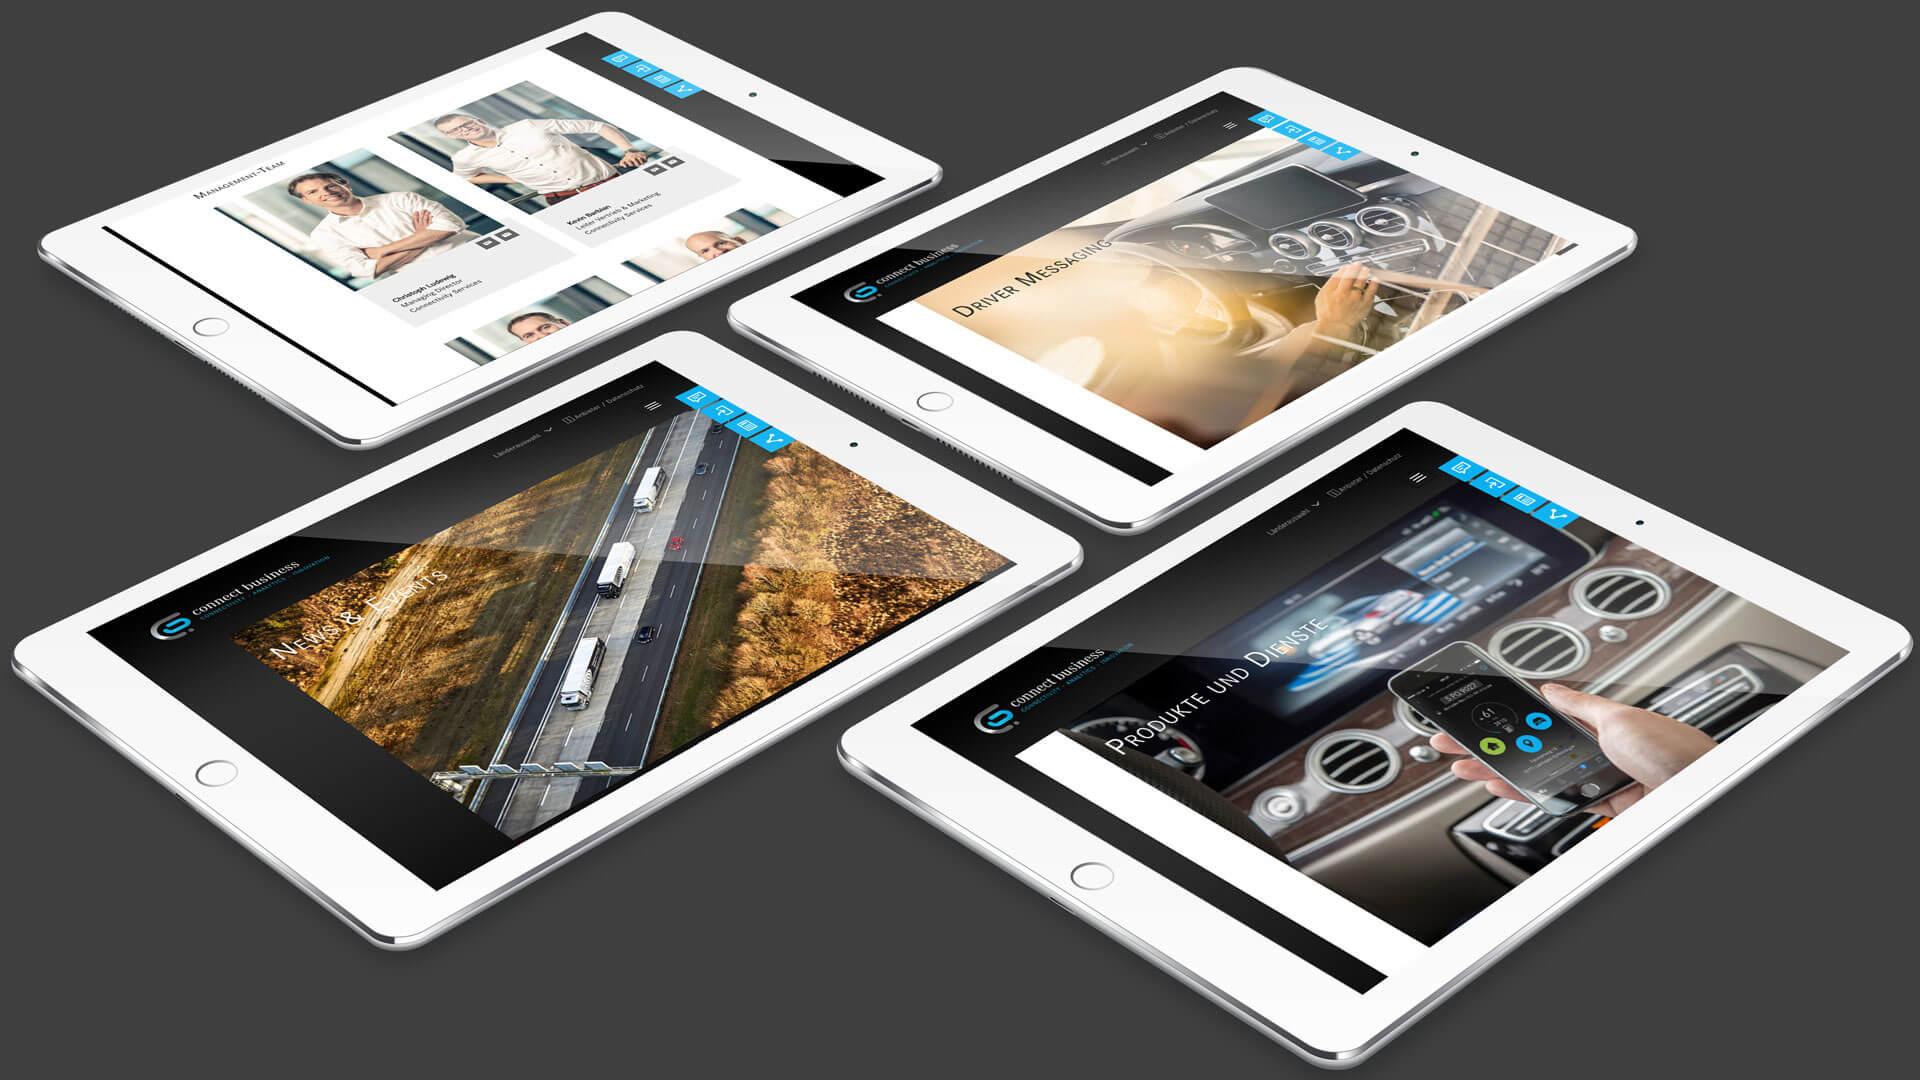 Wir haben für das digitale Konnektivitäts-Start-Up der Daimler AG eine Responsive Design Web-Plattform entwickelt.